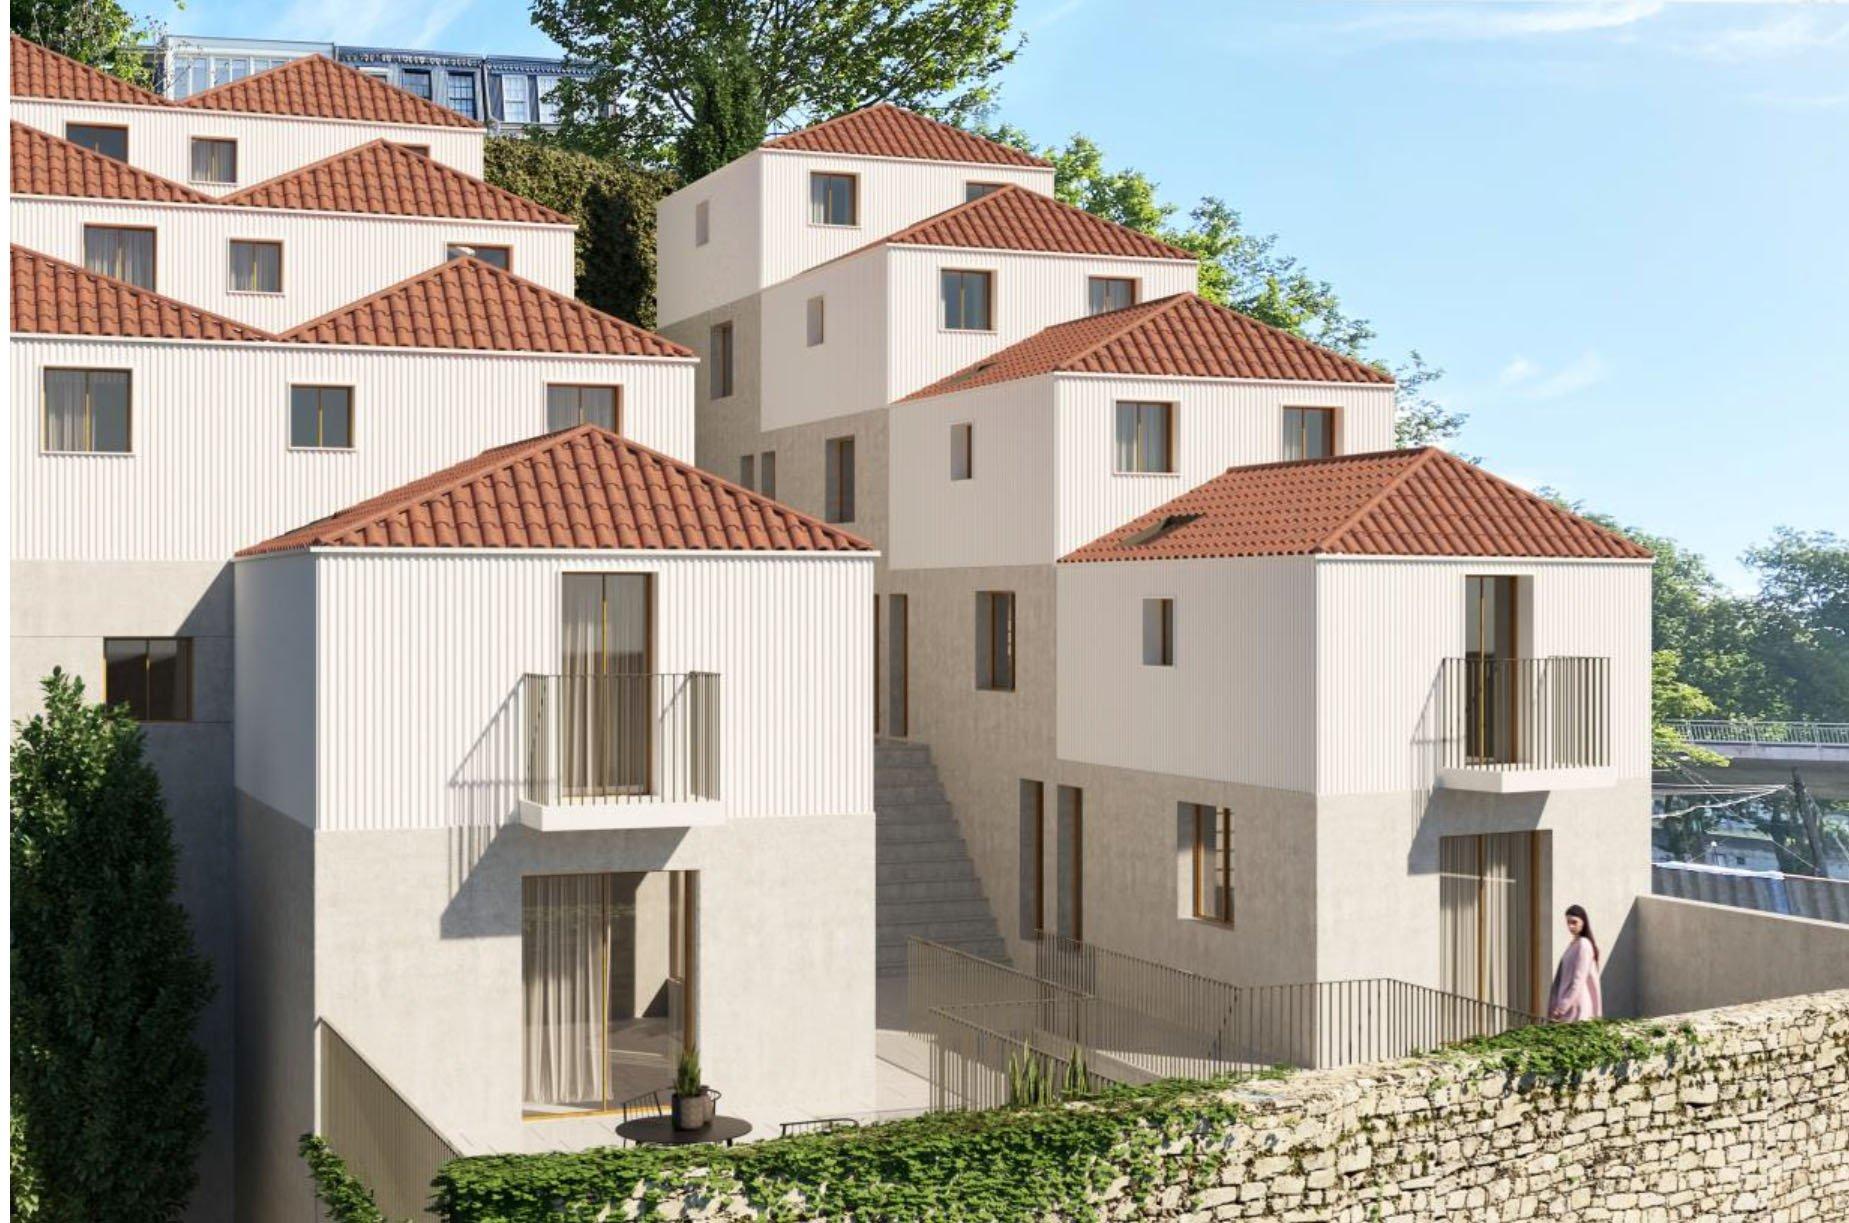 Centre de Porto, terrain avec projet approuvé